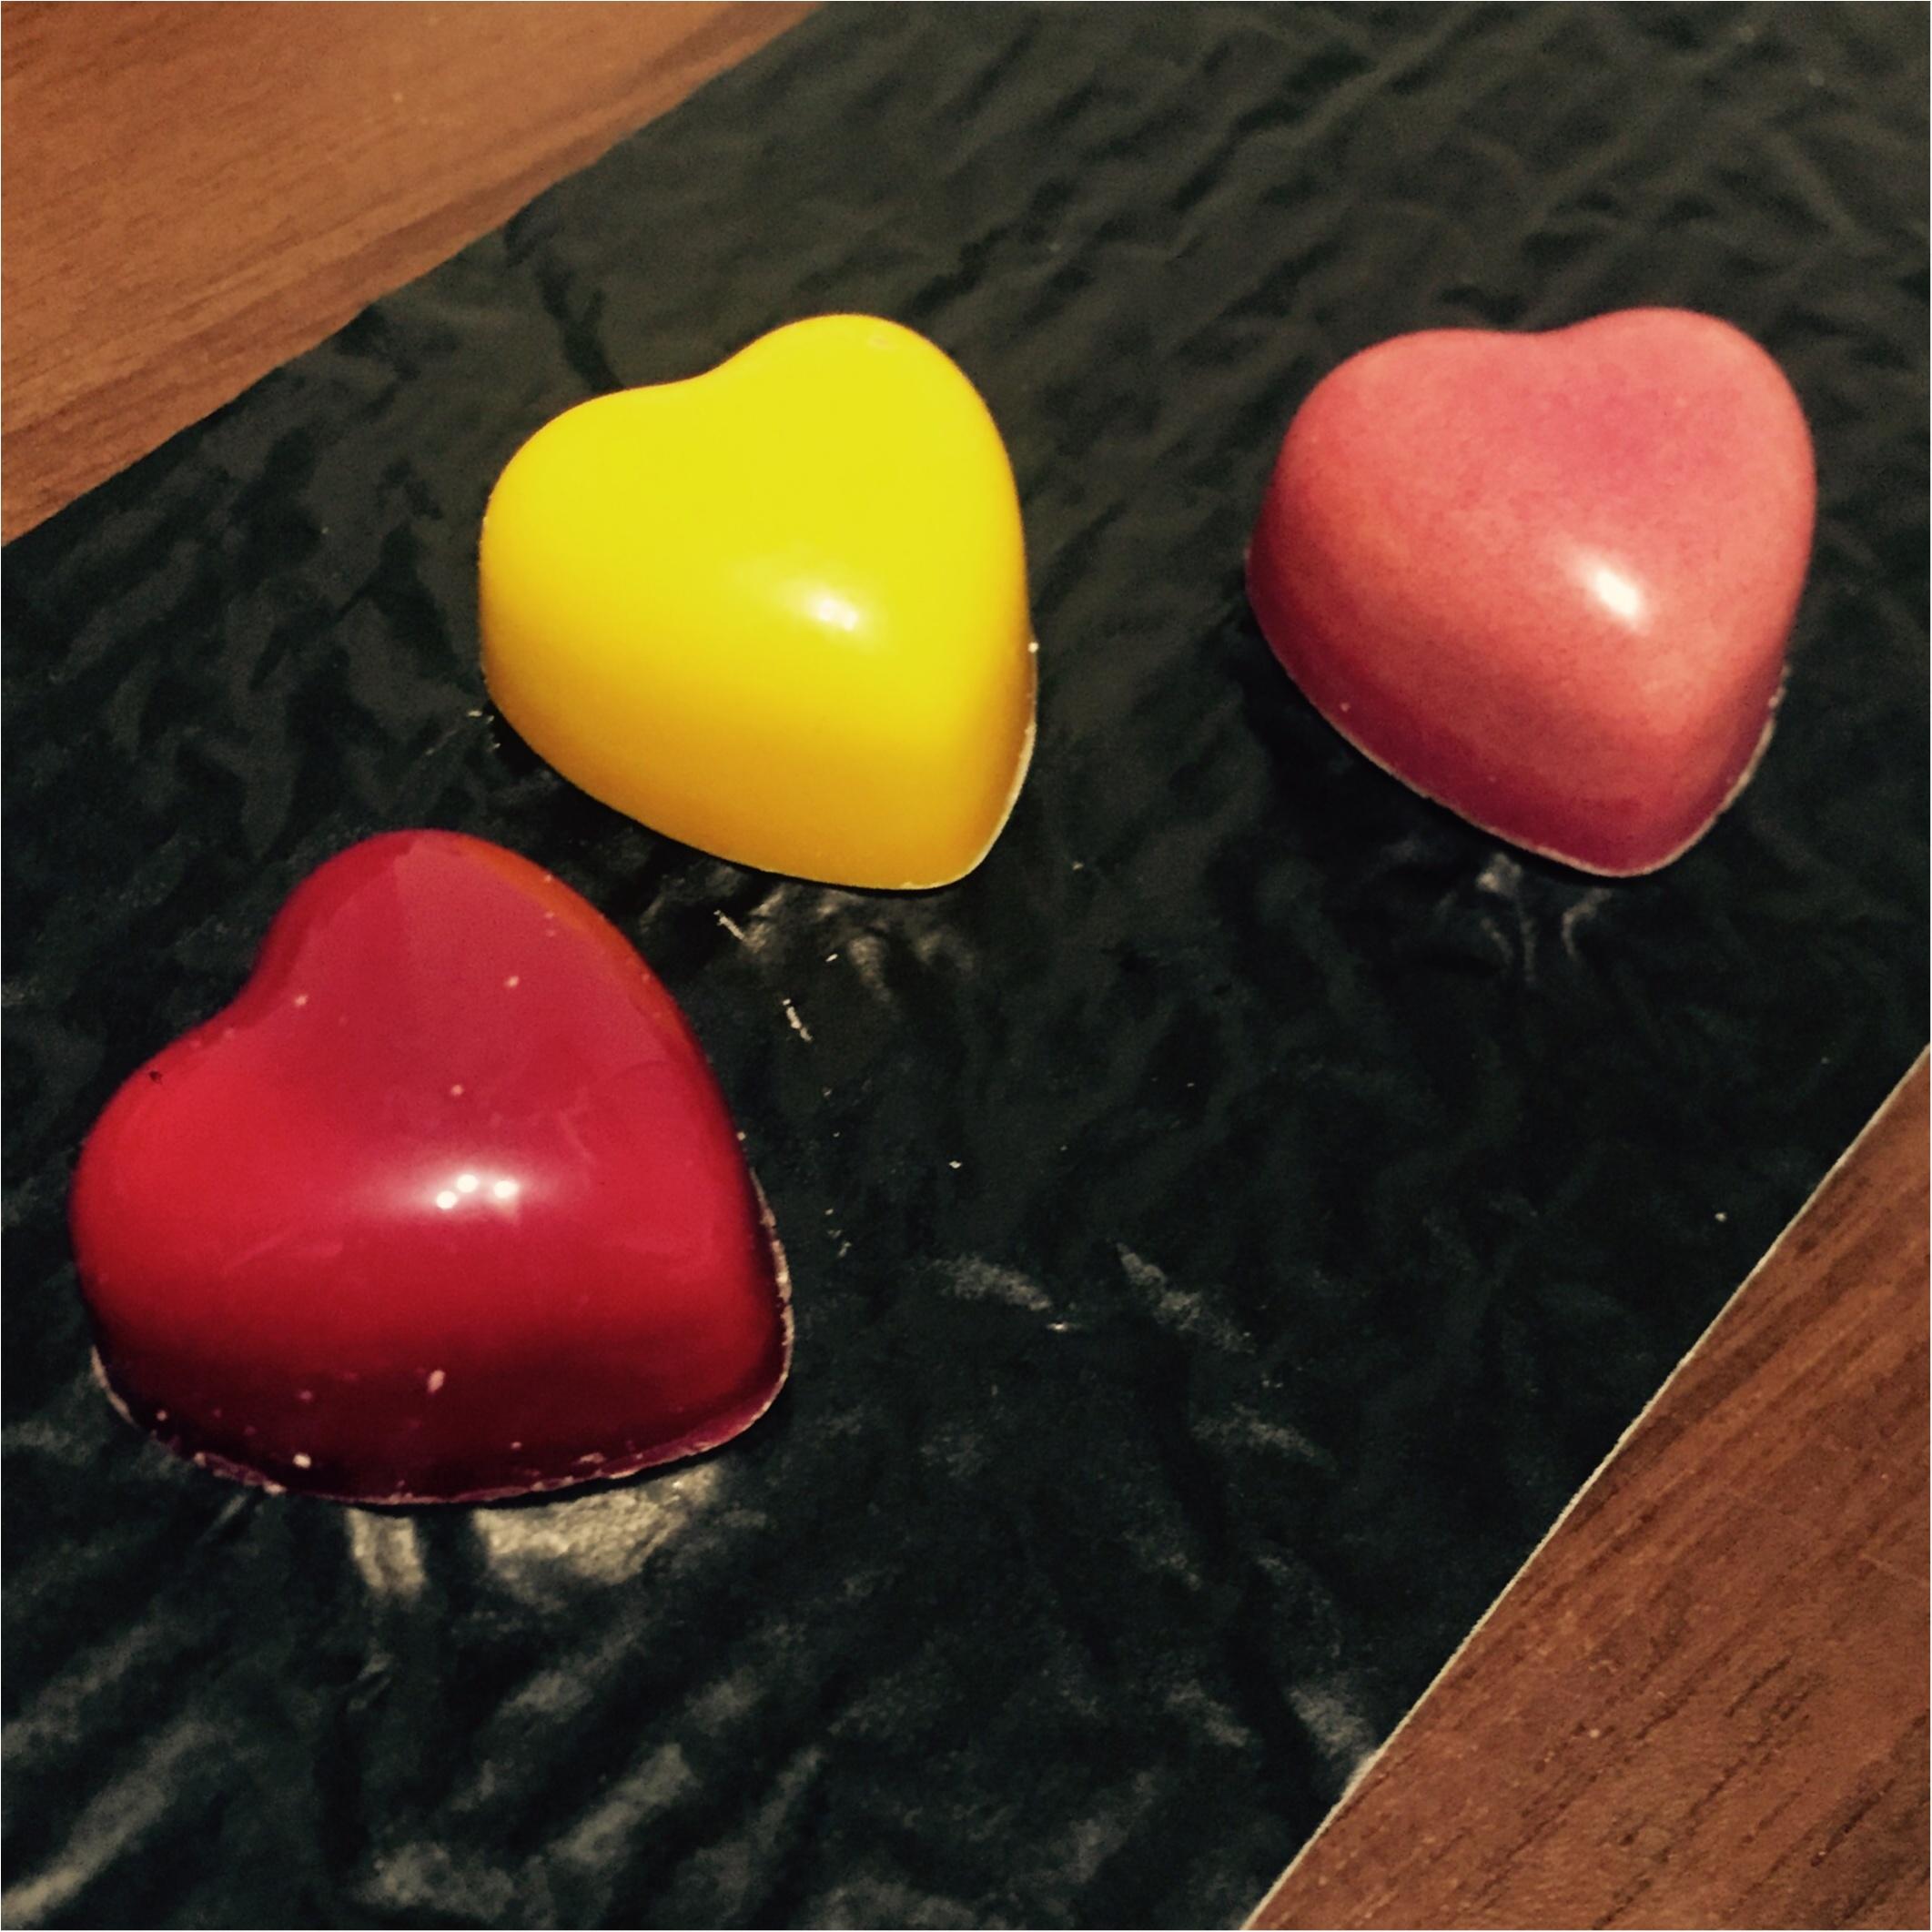 やっぱり美味しい!有名店のチョコレート!ピエールマルコリーニをティータイムのお供に♡_2